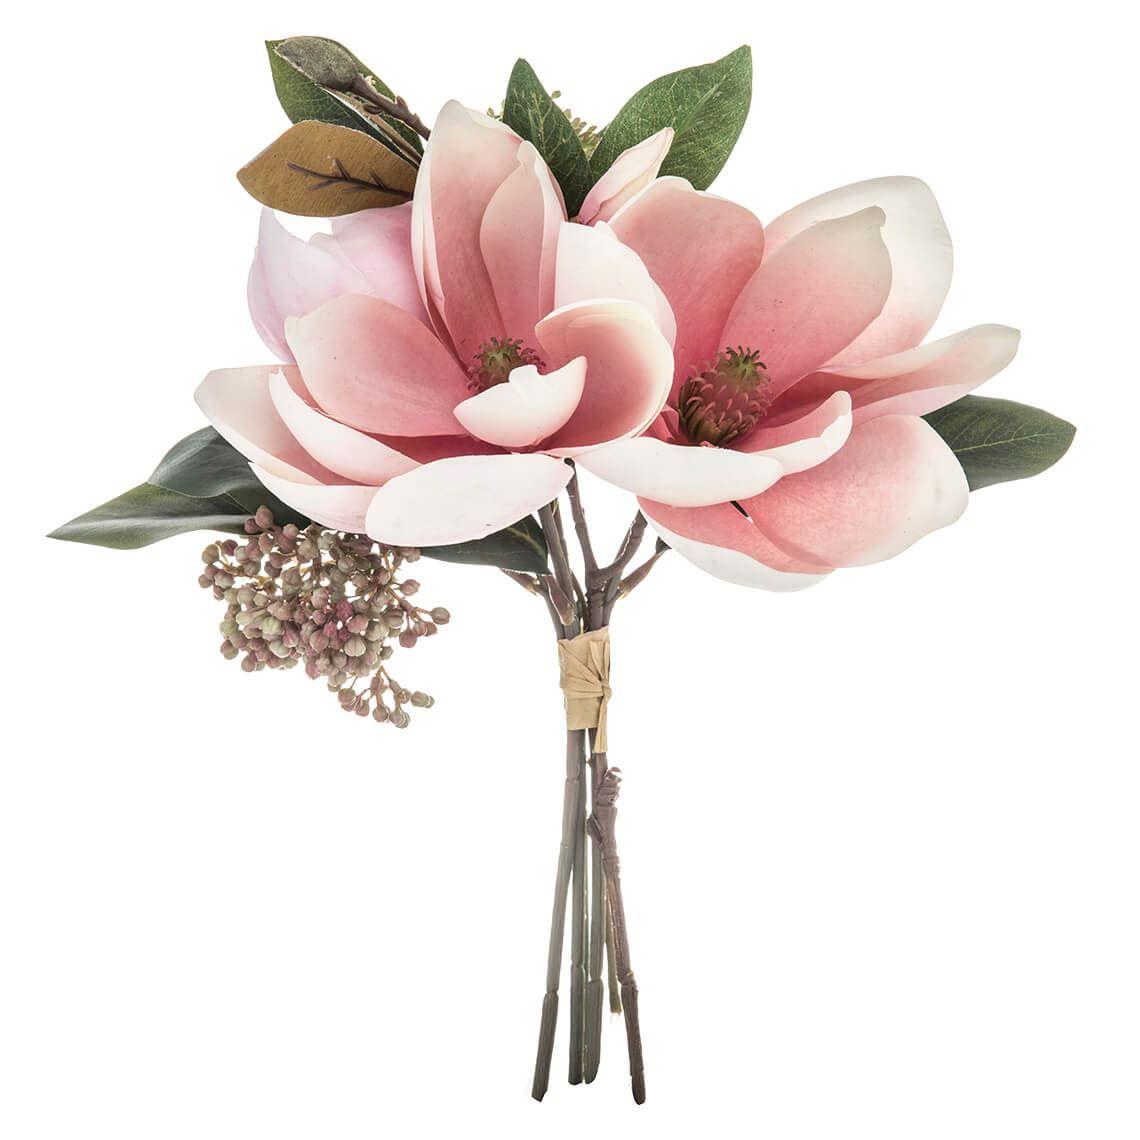 Magnolia Bouquet Pink Magnolia Bouquet Flowers Online Artificial Plants Flowers